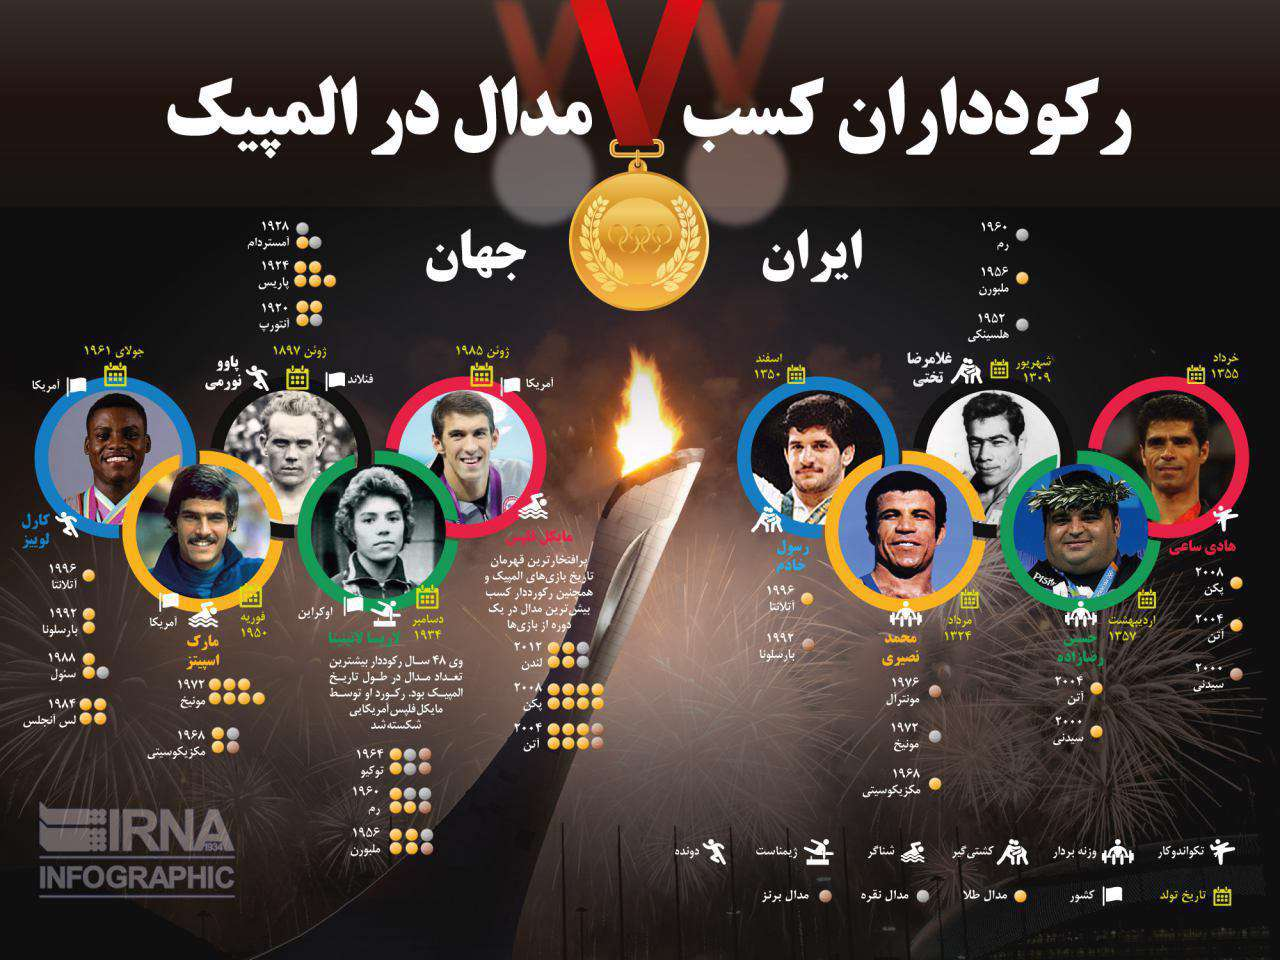 رکوردداران کسب مدال در المپیک / ایران و جهان